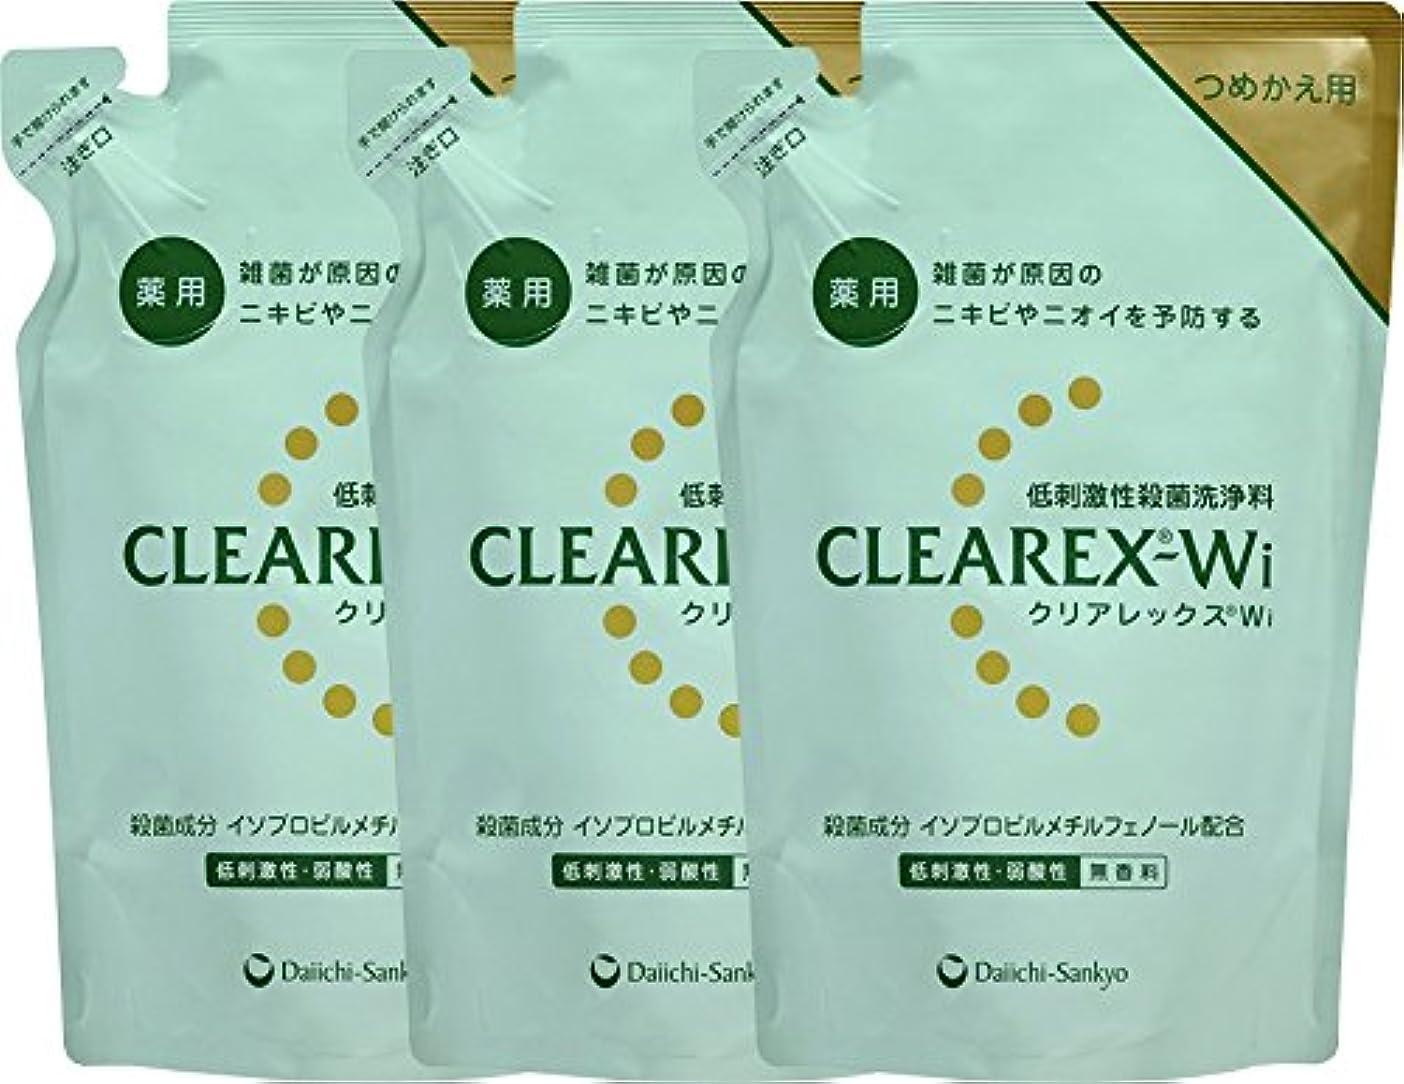 トリッキー興味障害【3個セット】クリアレックスWi つめ替用 380ml